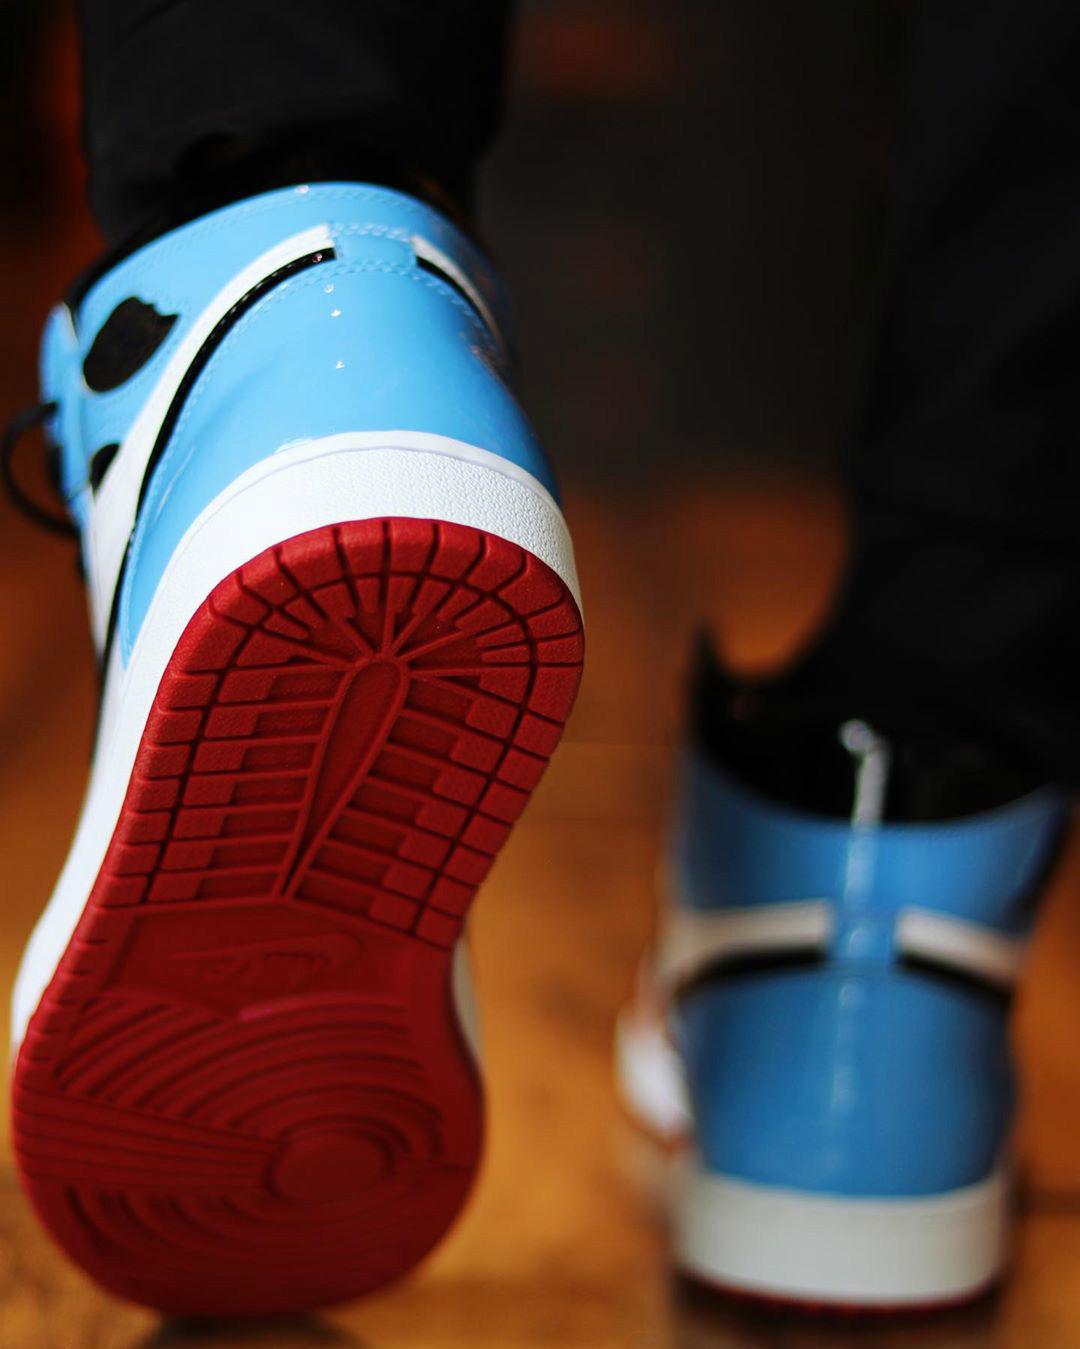 Air Jordan 1,Black Toe,发售,AJ1,  《新说唱》导师的最爱!AJ1 下半年的「必抢配色」全在这!